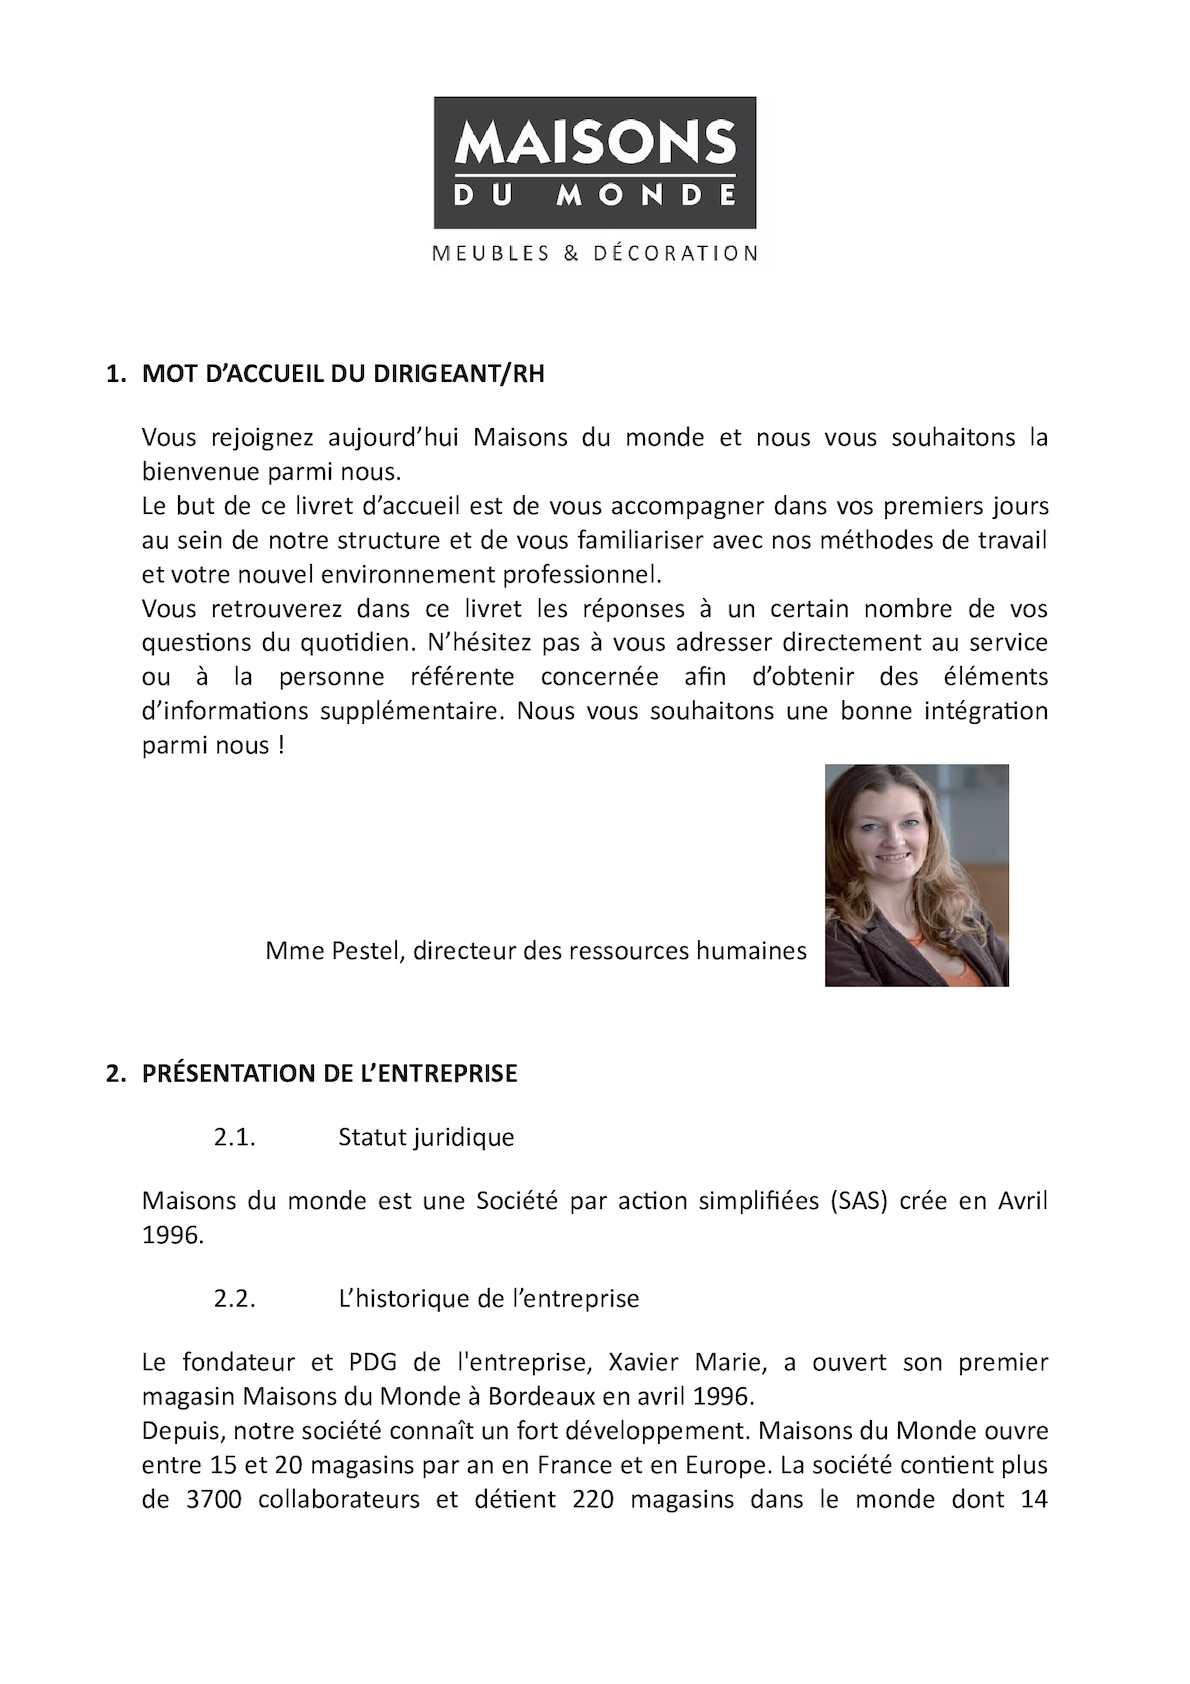 Livret D\'accueil Maisons Du Monde - CALAMEO Downloader